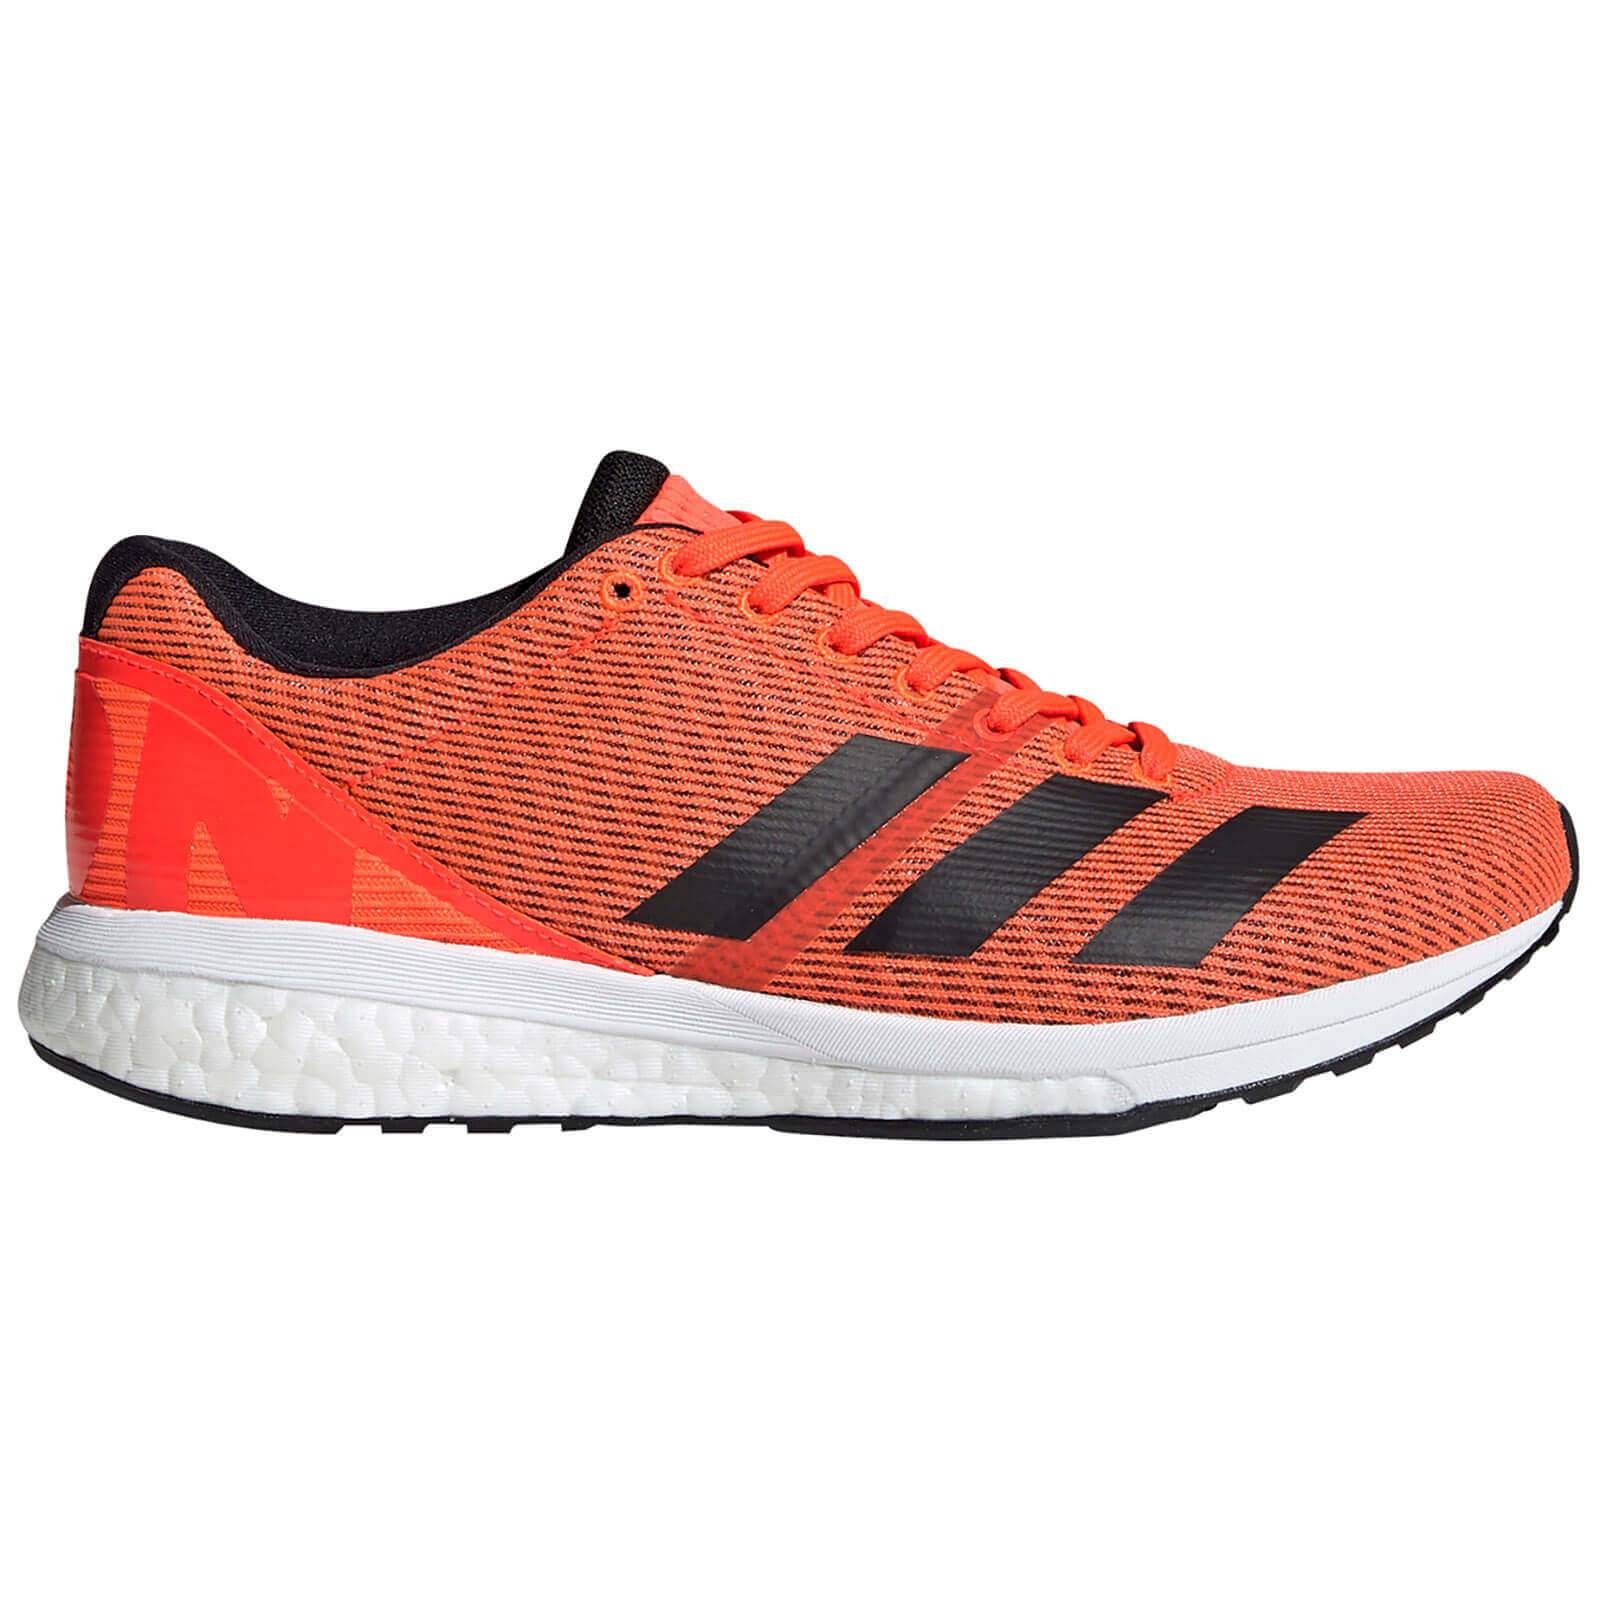 adidas Women's Adizero Boston 8 Running Shoes - Red - UK 5.5